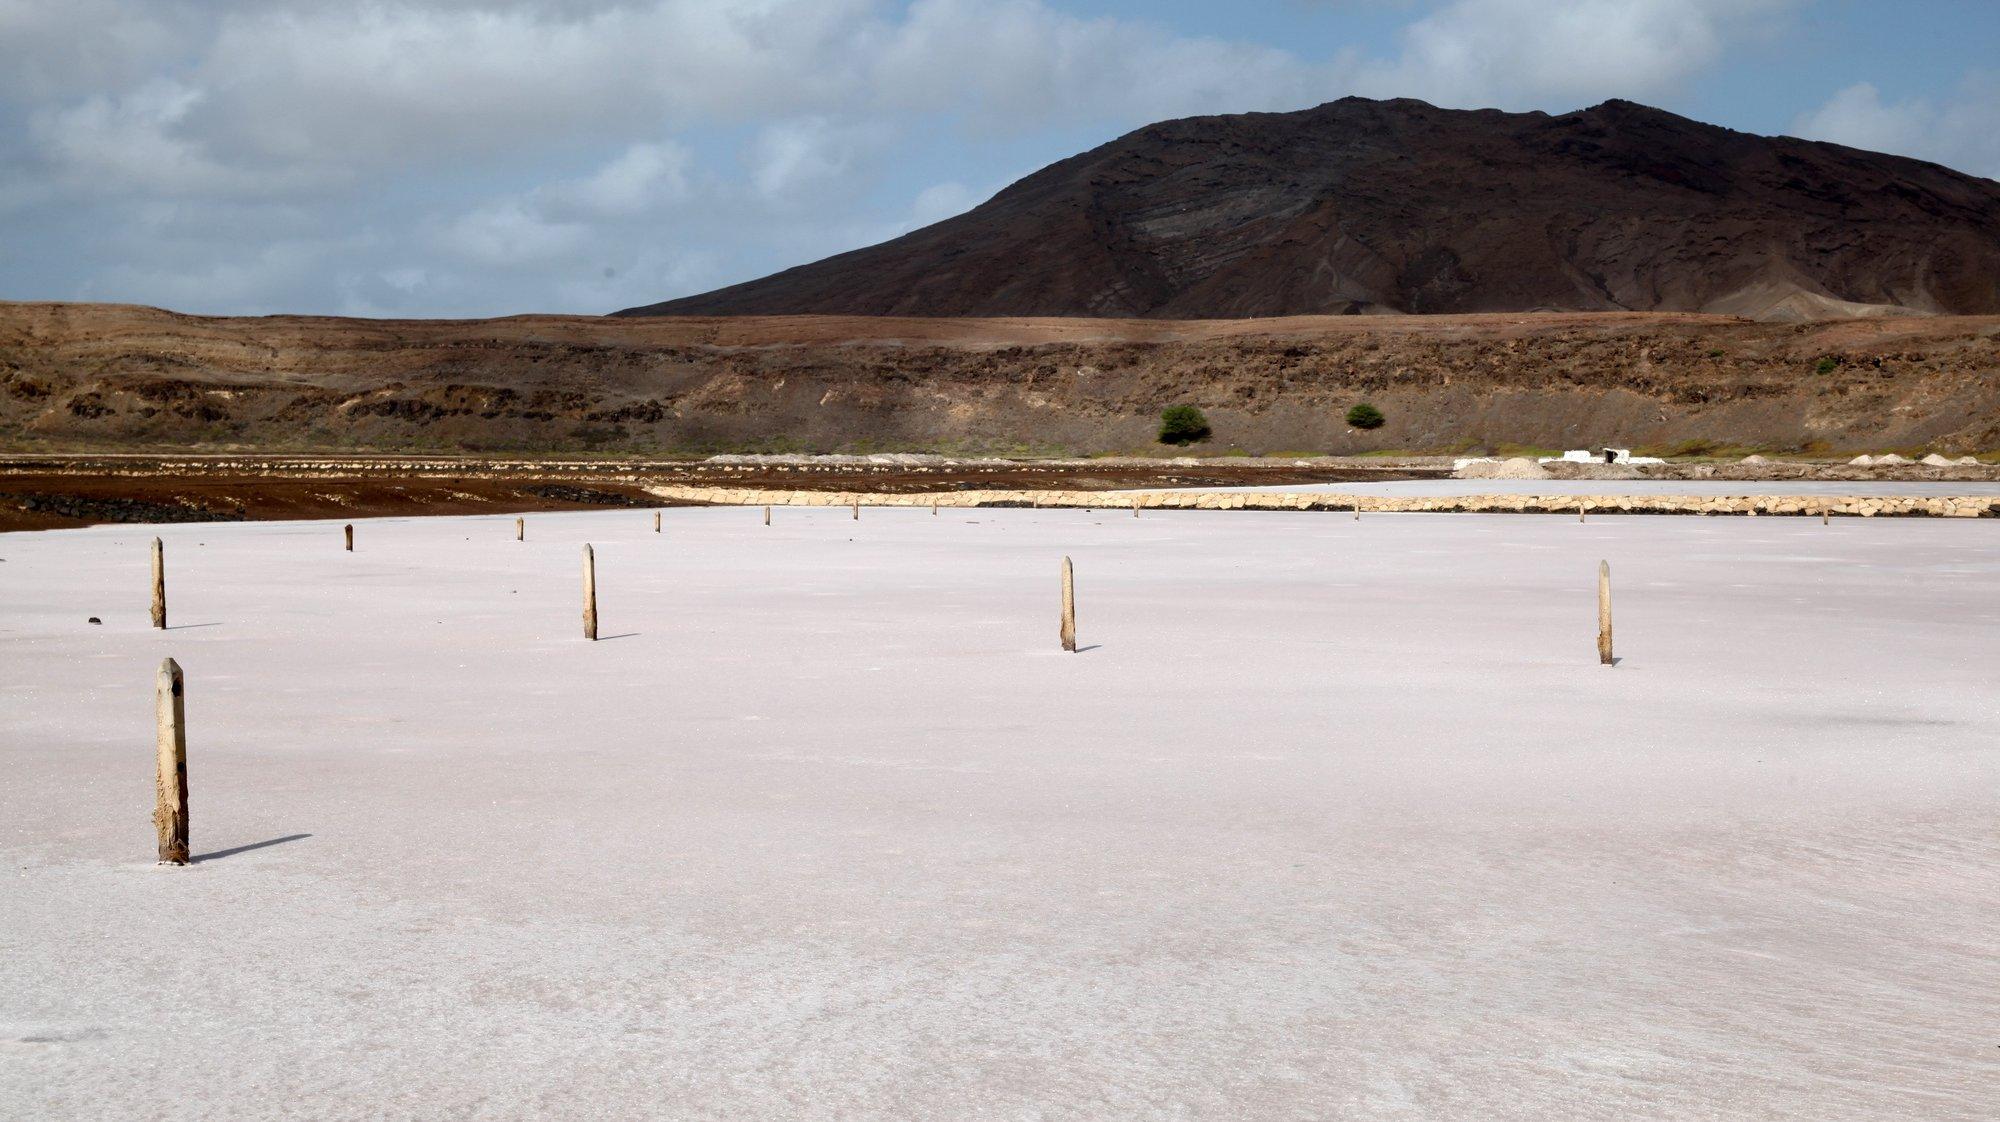 Salinas do complexo industrial salineiro de Pedra de Lumena, na cratera de um vulcão na ilha do Sal, querem ser património da Unesco, Cabo Verde, 12 de março de 2021. O secular complexo industrial salineiro de Pedra de Lume, ilha cabo-verdiana do Sal, ainda hoje produz sal para exportação, por entre turistas a banhos em salinas na cratera de um vulcão, mas já está de olhos postos numa classificação como património da UNESCO. (ACOMPANHA TEXTO DA LUSA DO DIA 15 DE MARÇO DE 2021). FERNANDO DE PINA/LUSA